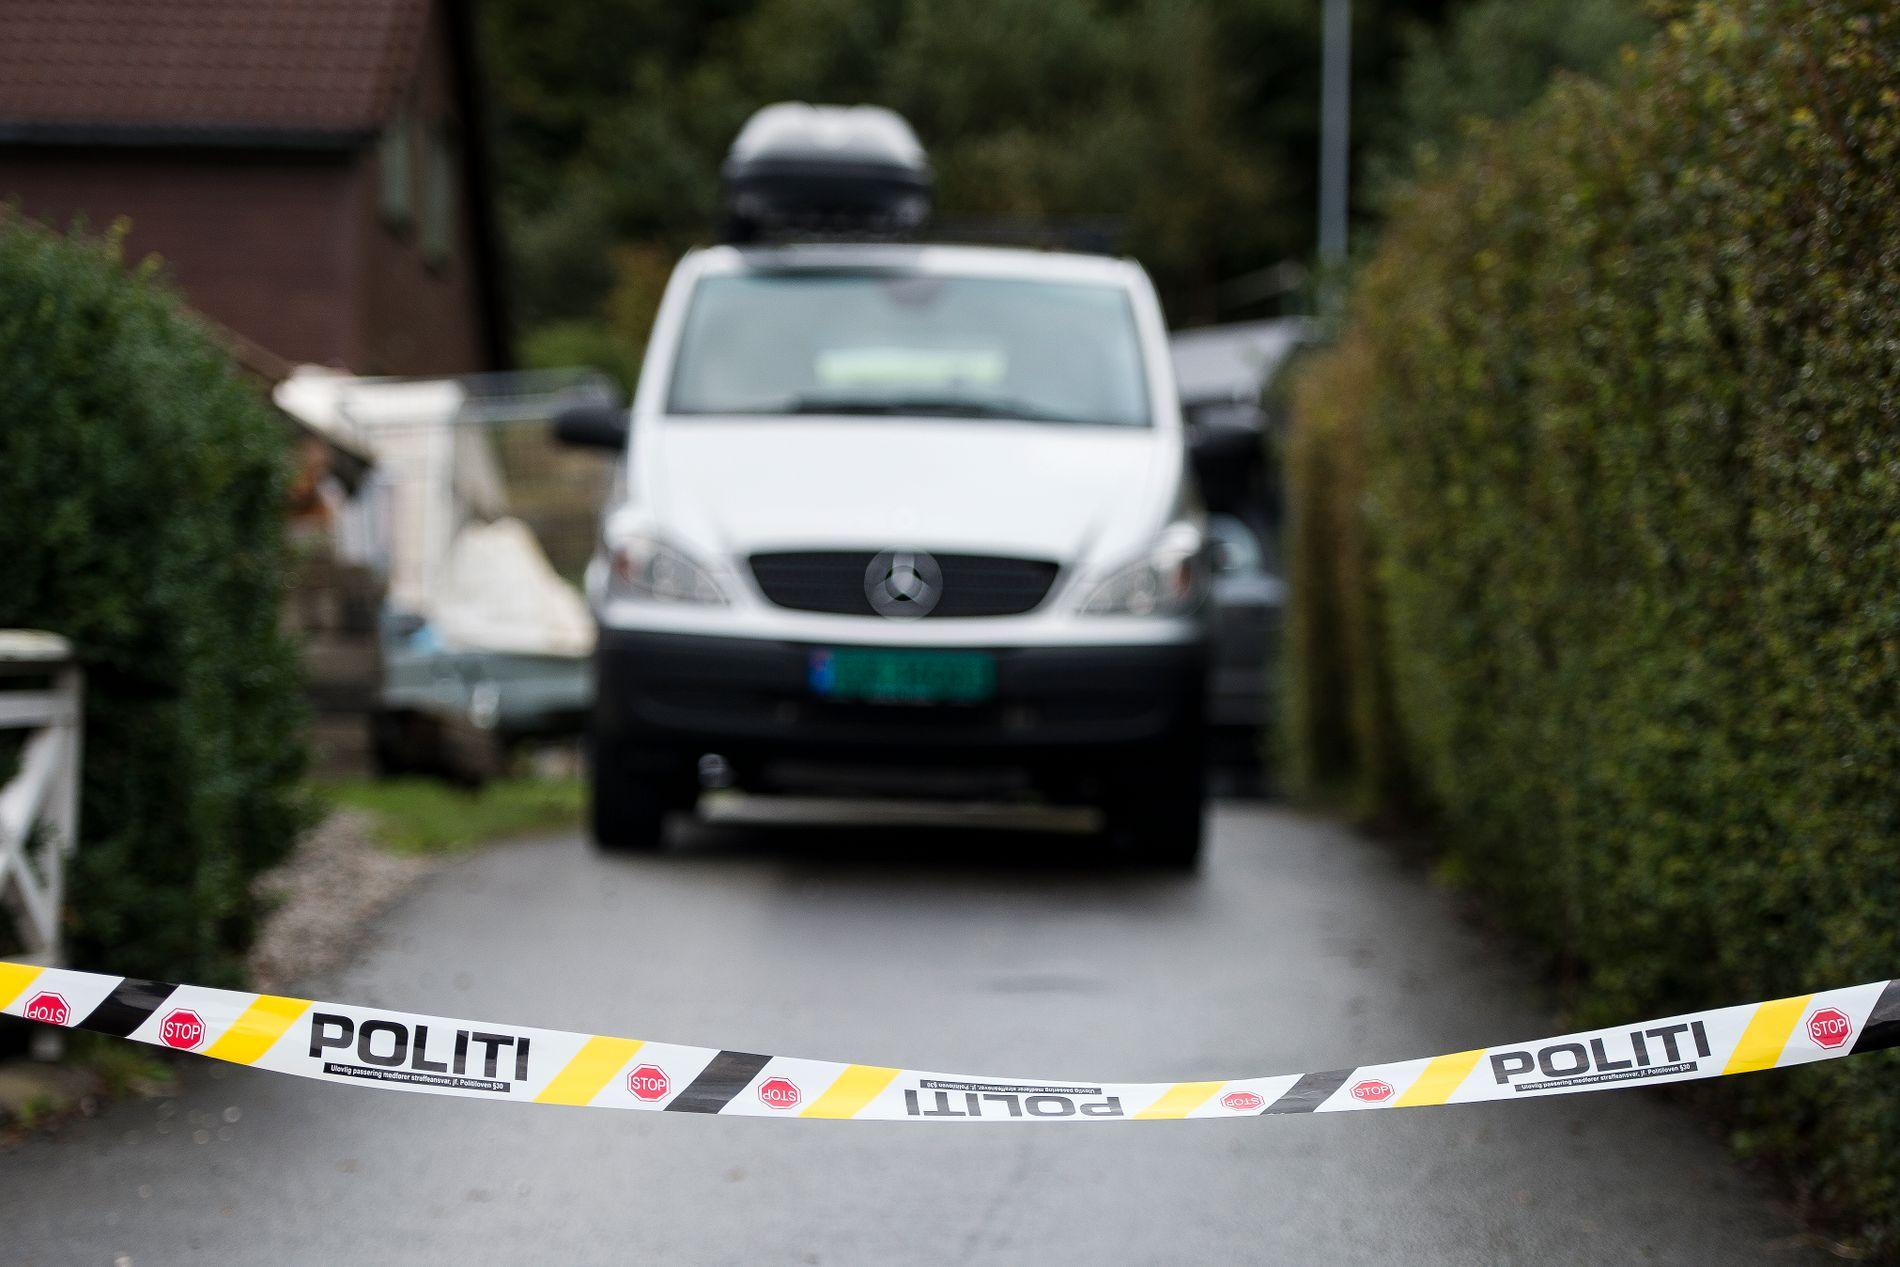 Både politiets bombegruppe og eksperter fra Forsvaret er på stedet etter funn av store mengder eksplosiver, ammunisjon og våpen i et bolighus på Gausel i Stavanger torsdag. Foto: Carina Johansen / NTB scanpix